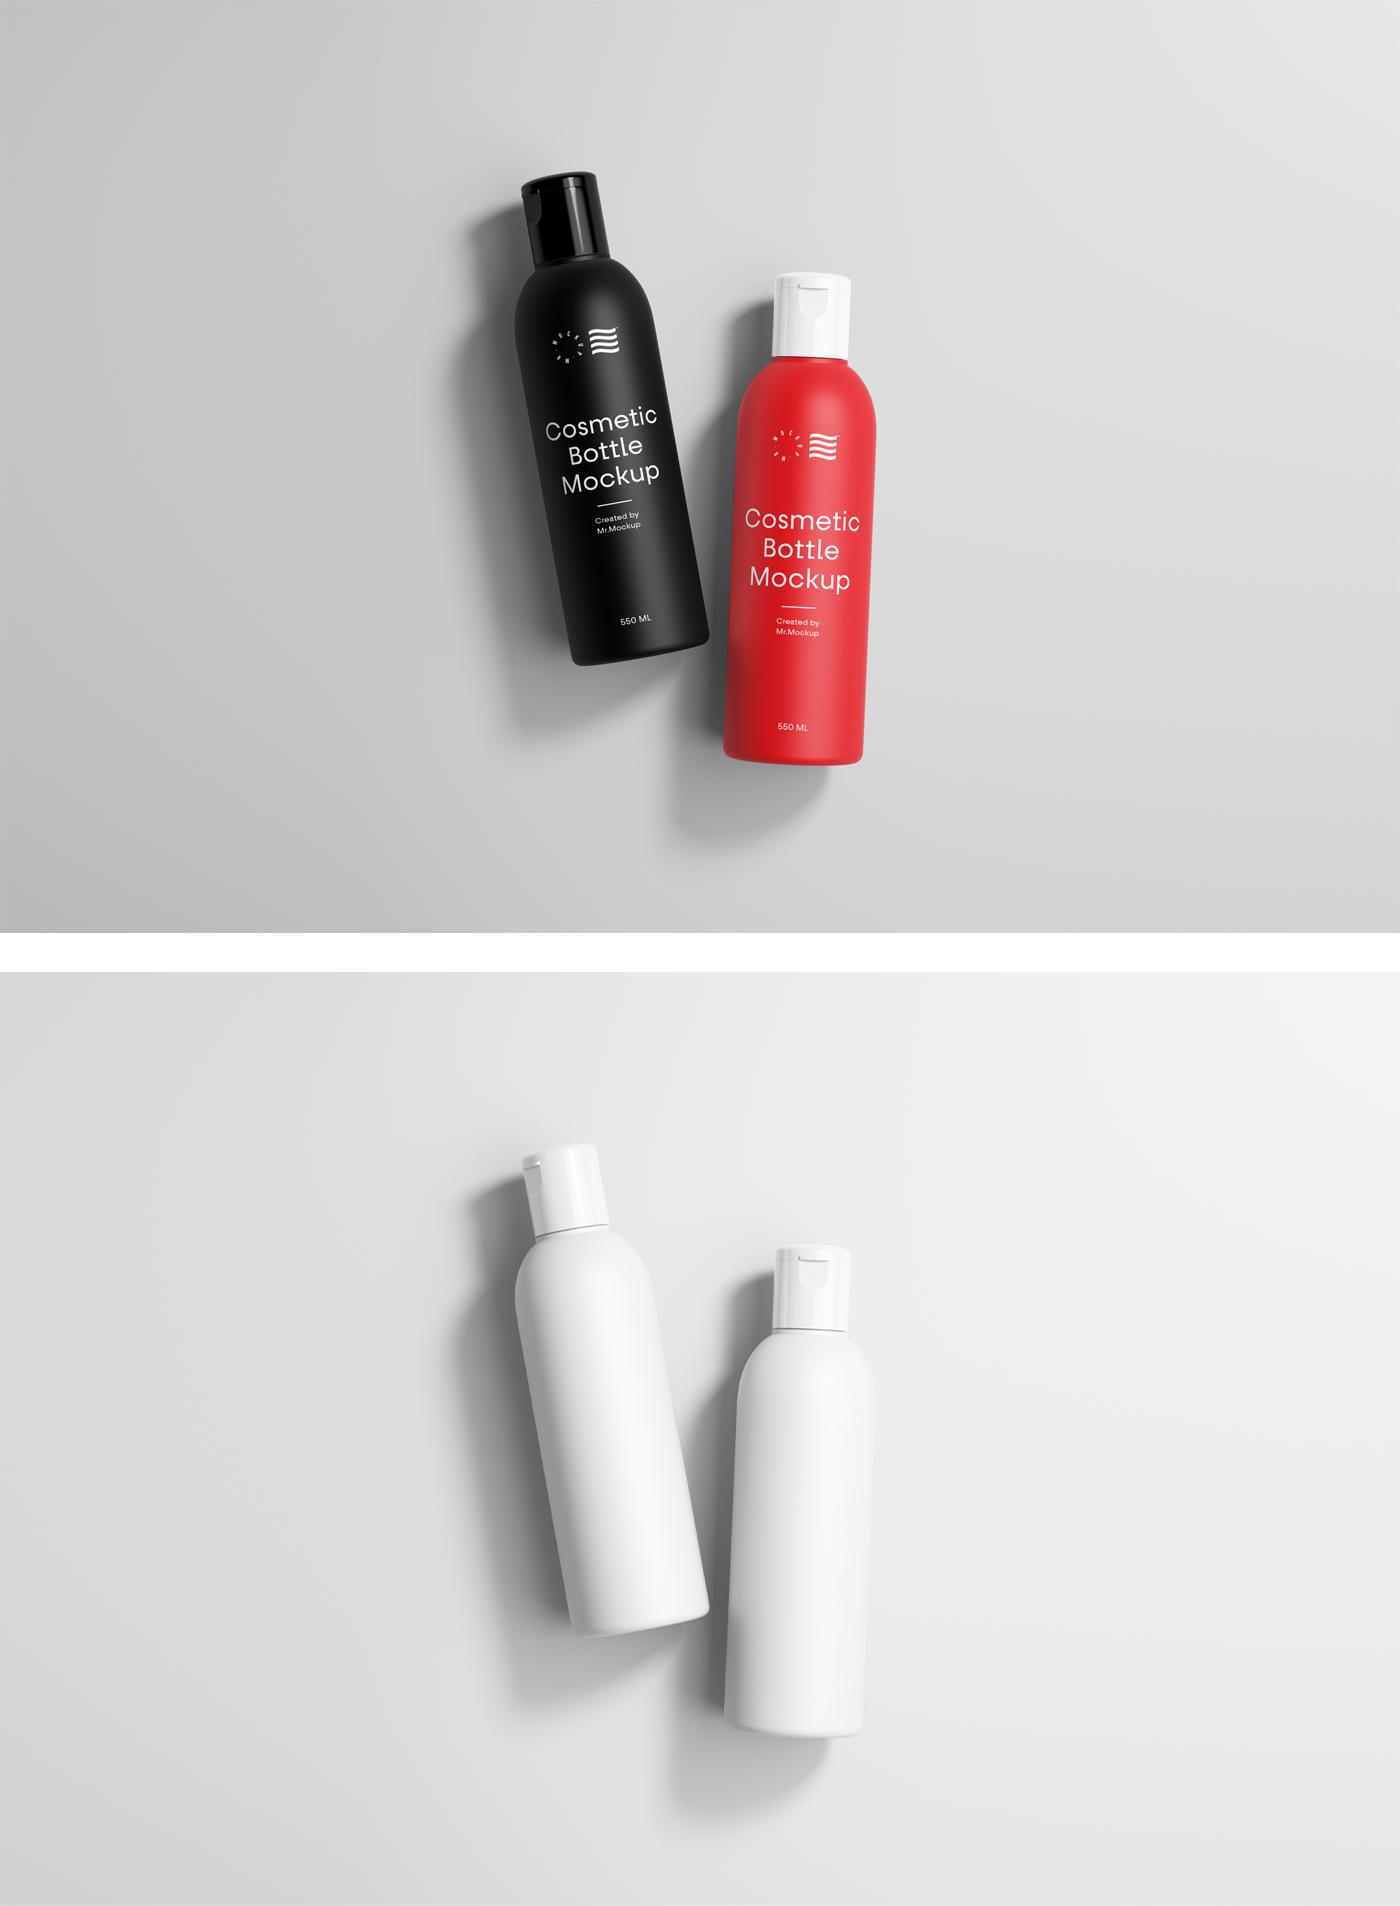 化妆品瓶样机